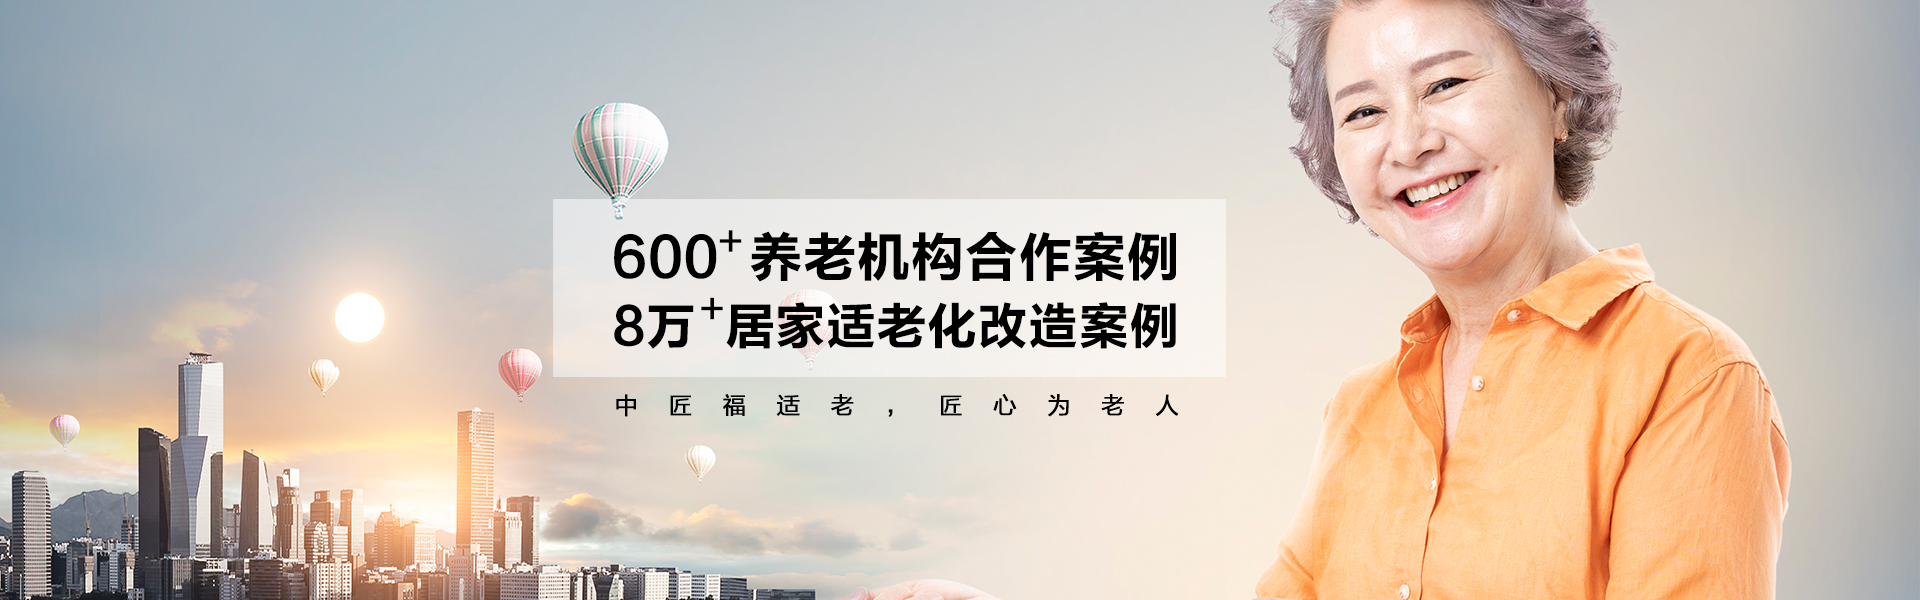 600适老家具案例